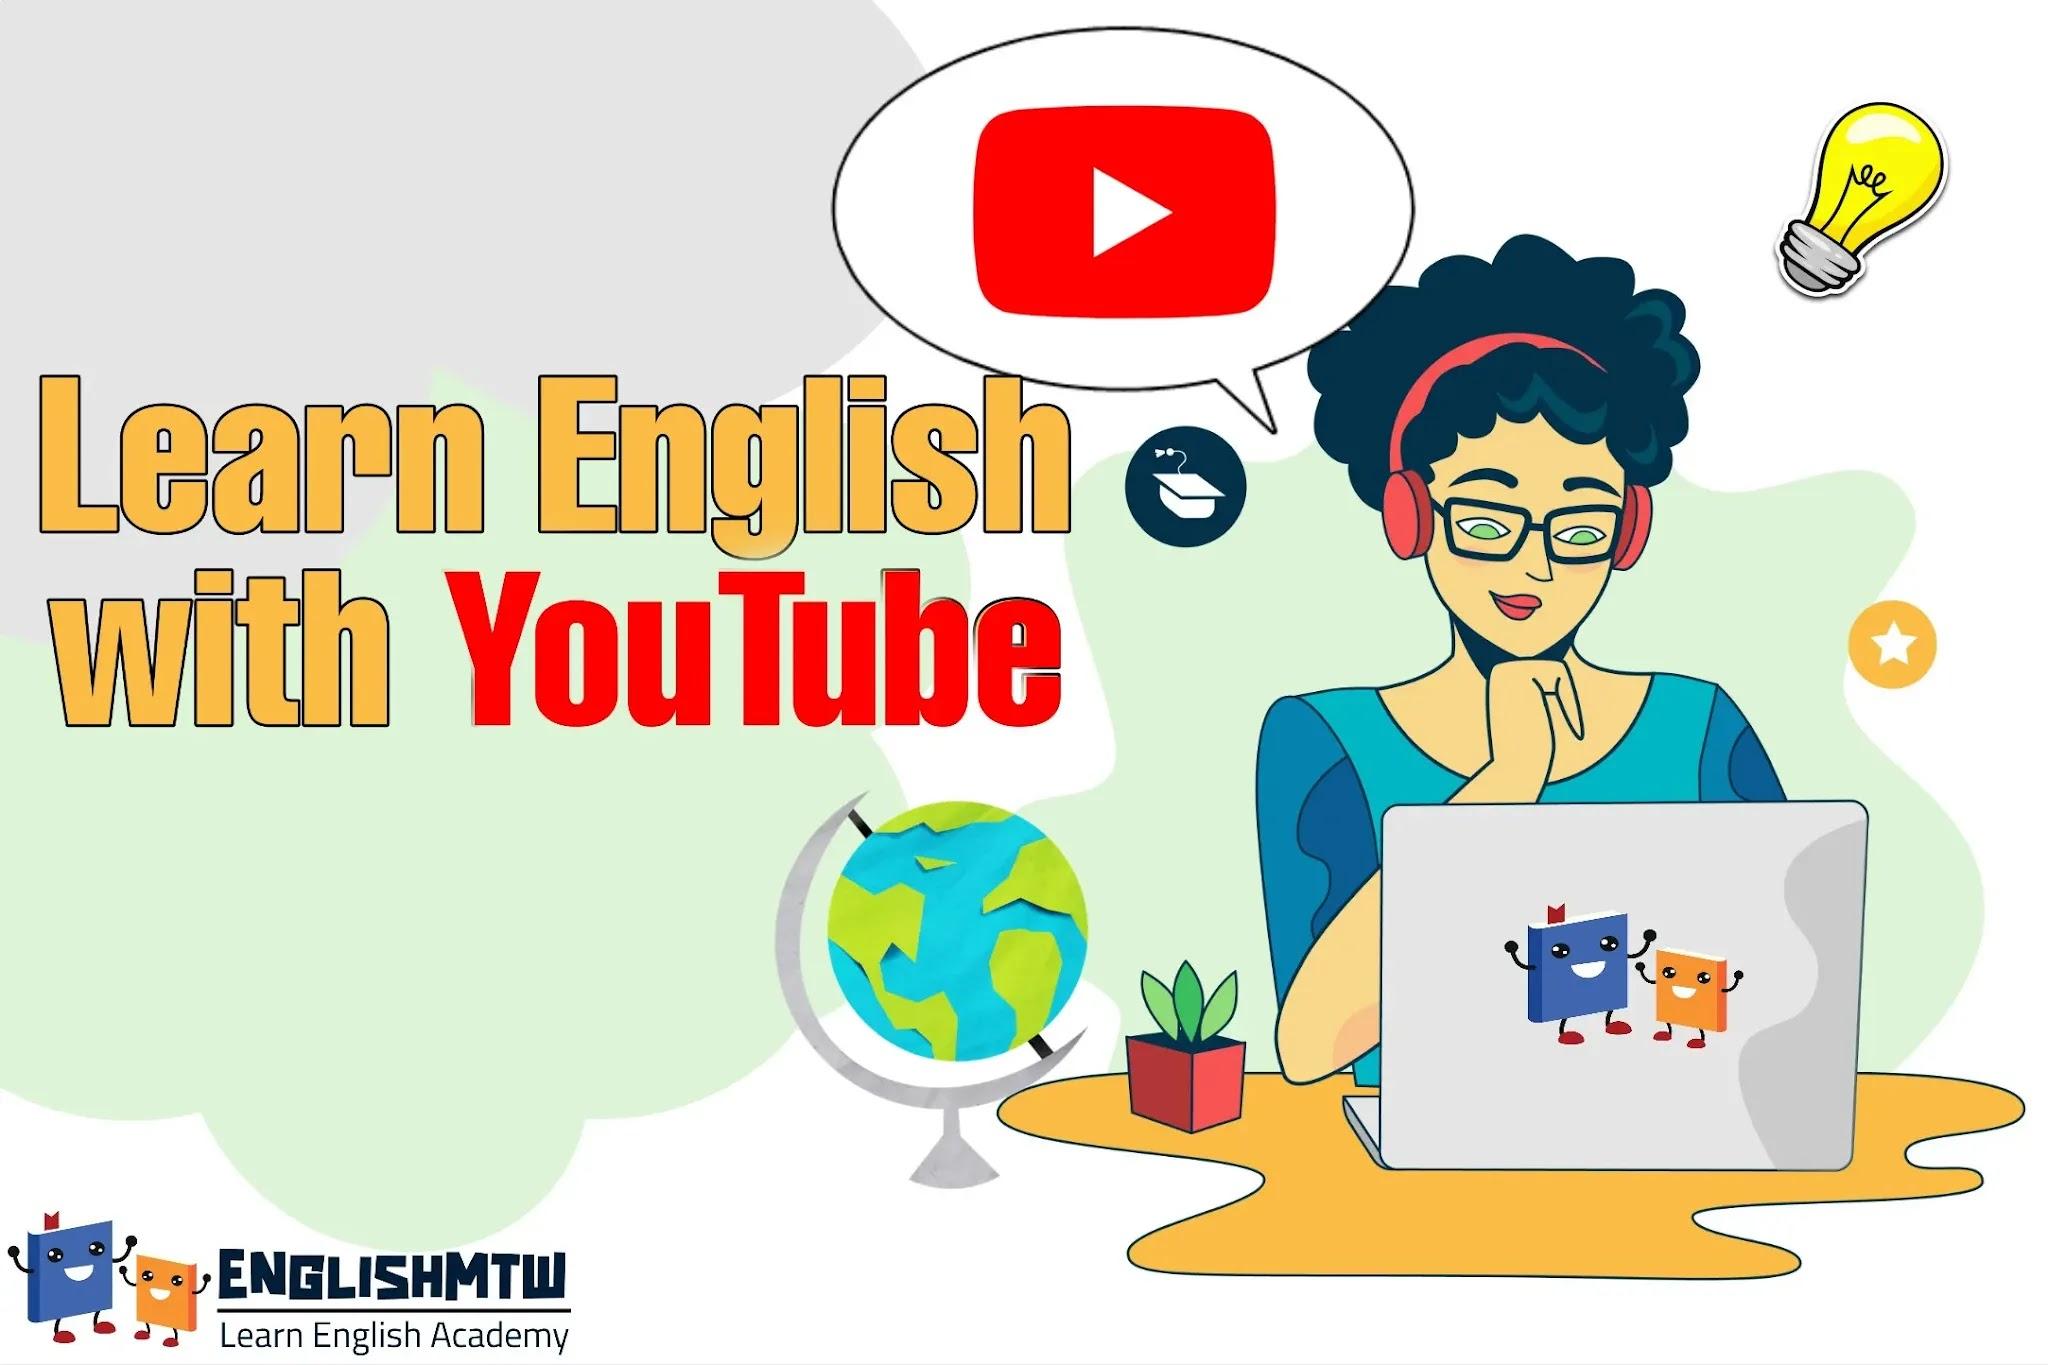 أفضل قنوات اليوتيوب لتعلم اللغة الإنجليزية للمبتدئين,تعلم اللغة الانجليزية من الصفر,أفضل قنوات تعليم اللغة الإنجليزية على اليوتيوب,أفضل قناة عربية لتعلم اللغة الإنجليزية,تعلم اللغة الإنجليزية للمبتدئين مجاناً,أفضل قنوات عربية لتعلم اللغة الإنجليزية,أفضل قناة يوتيوب لتعليم الانجليزي للاطفال,أفضل قناة تلفزيونية لتعليم اللغة الإنجليزية